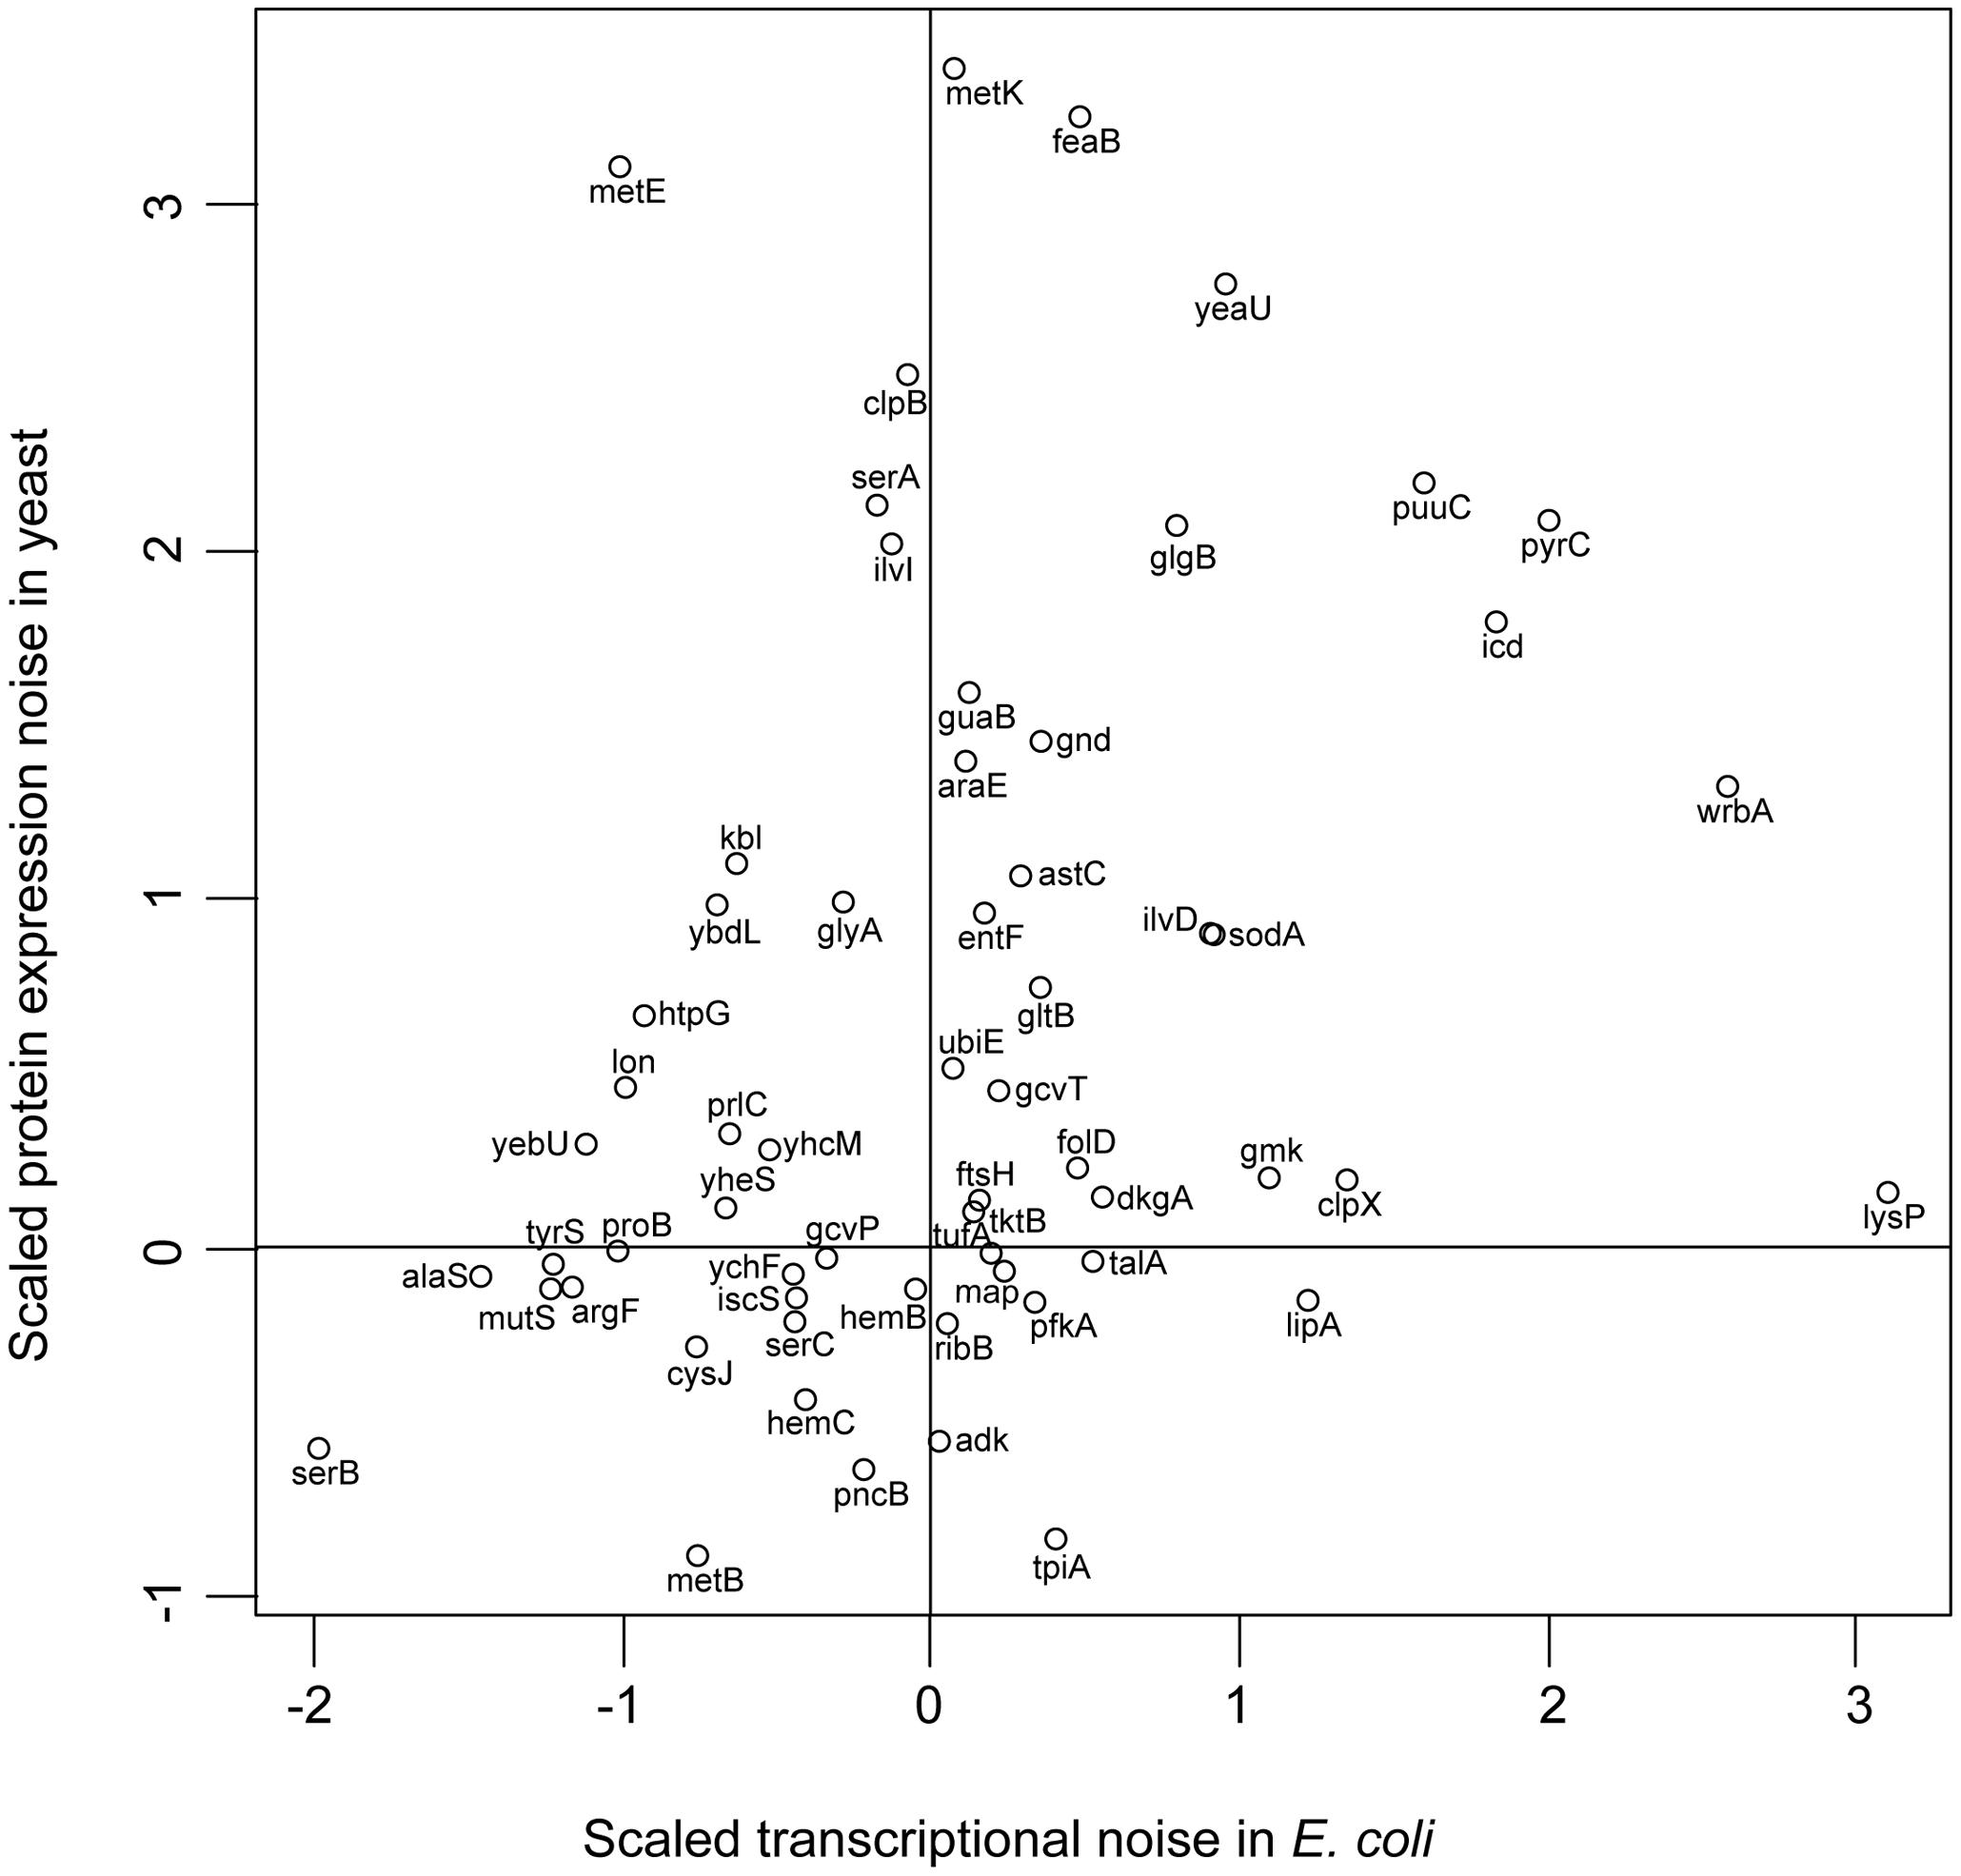 <i>E. coli</i> and yeast orthologues have similar noise levels.